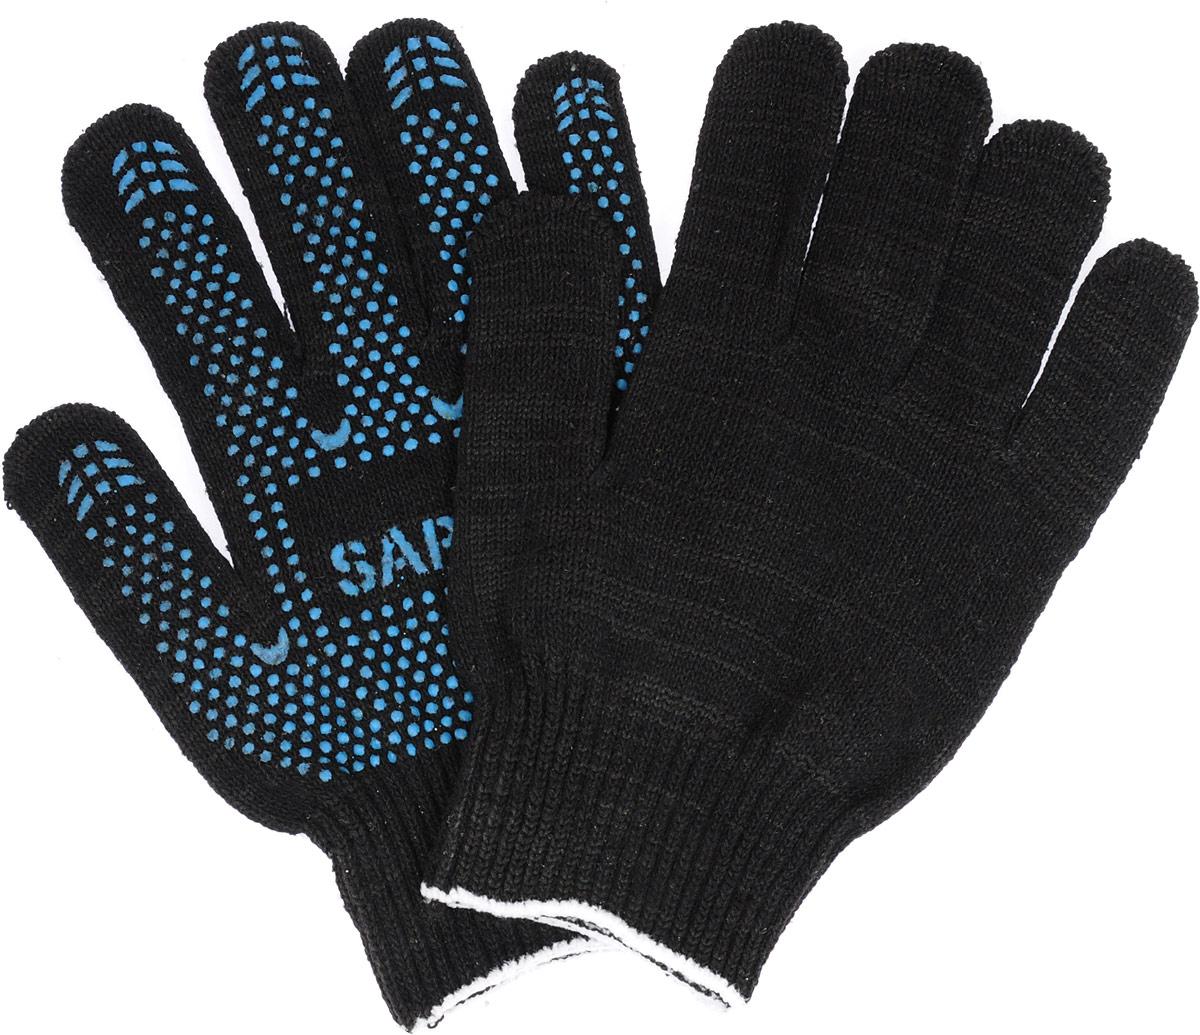 Перчатки Sapfire СтандартSVC-300Перчатки Sapfire Стандарт характеризуются плотностью вязки и совокупной толщиной хлопчатобумажной и смесовой нити. Благодаря полимерному покрытию обеспечивается дополнительная стойкость к истиранию и защита от скольжения. Манжеты на резинке плотно обхватывают запястья. Мягкие перчатки удобно сидят по руке, не соскальзывая и не отвлекая от работы. Уважаемые клиенты! Обращаем ваше внимание на возможные изменения в цвете некоторых деталей товара. Поставка осуществляется в зависимости от наличия на складе.